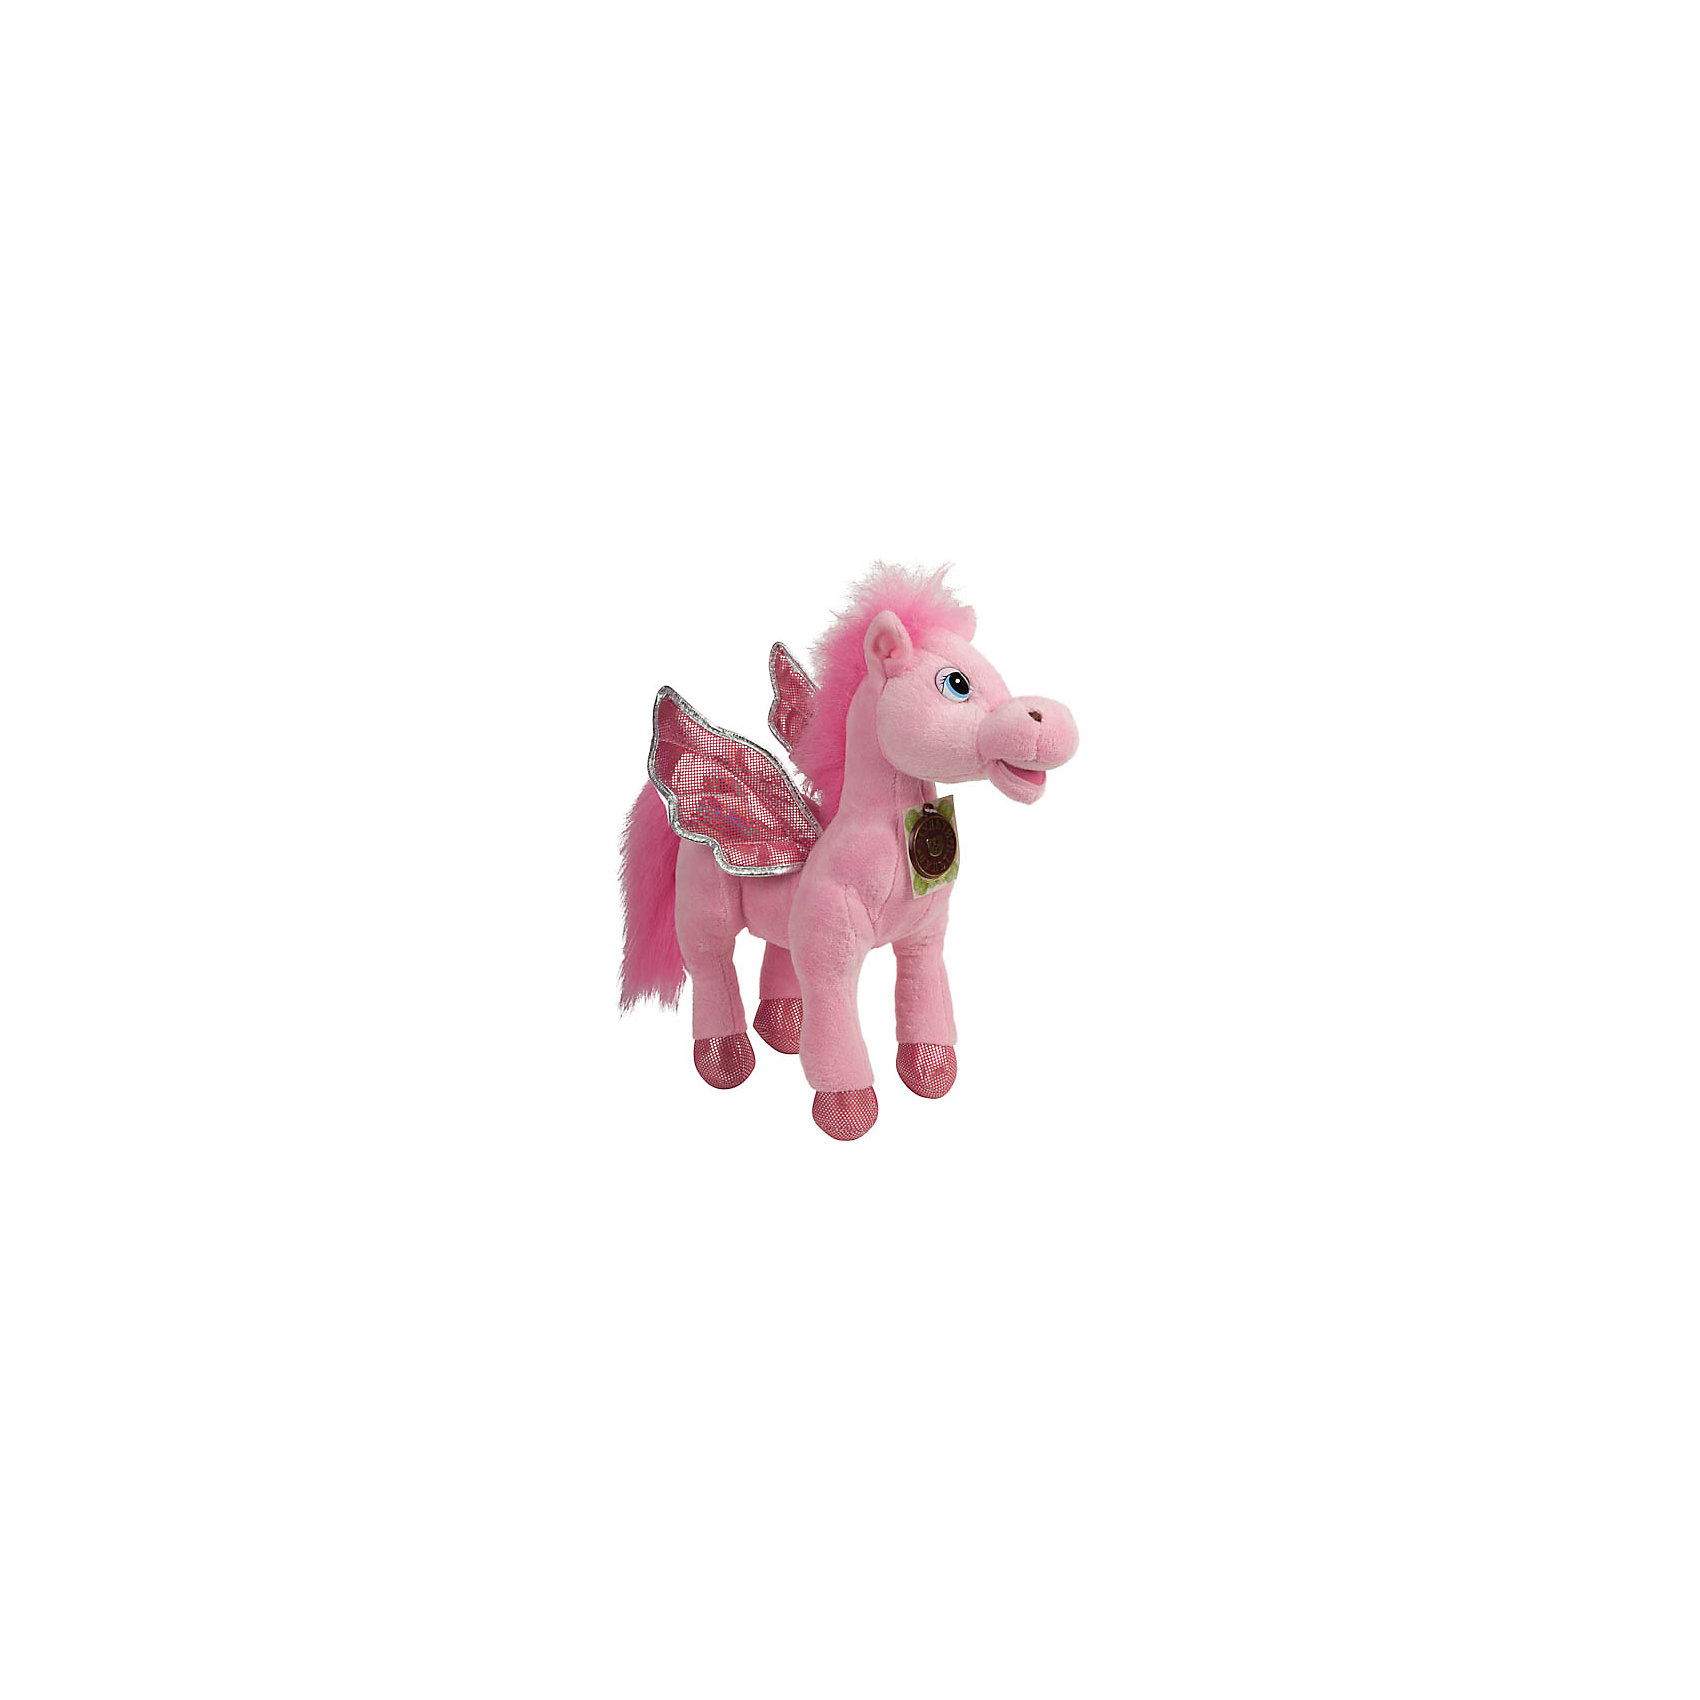 Мягкая игрушка Пони с крыльями, розовая, МУЛЬТИ-ПУЛЬТИМягкие игрушки животные<br>Очаровательная мягкая лошадка с крылышками обязательно понравится девочке! Пони расскажет своей хозяйке веселые стихи, споет песенку или просто поговорит. Игрушка выполнена из высококачественных материалов, плотно набита, очень приятна на ощупь. <br><br>Дополнительная информация: <br><br>- Материал: пластик, текстиль, синтепон.<br>- Размер: 25 см.<br>- 3 фразы, 4 стишка, 2 песенки.<br>- Элемент питания: батарейки (в комплекте).<br><br>Мягкую игрушку Пони с крыльями, МУЛЬТИ-ПУЛЬТИ можно купить в нашем магазине.<br><br>Ширина мм: 300<br>Глубина мм: 260<br>Высота мм: 100<br>Вес г: 420<br>Возраст от месяцев: 36<br>Возраст до месяцев: 120<br>Пол: Женский<br>Возраст: Детский<br>SKU: 4850049